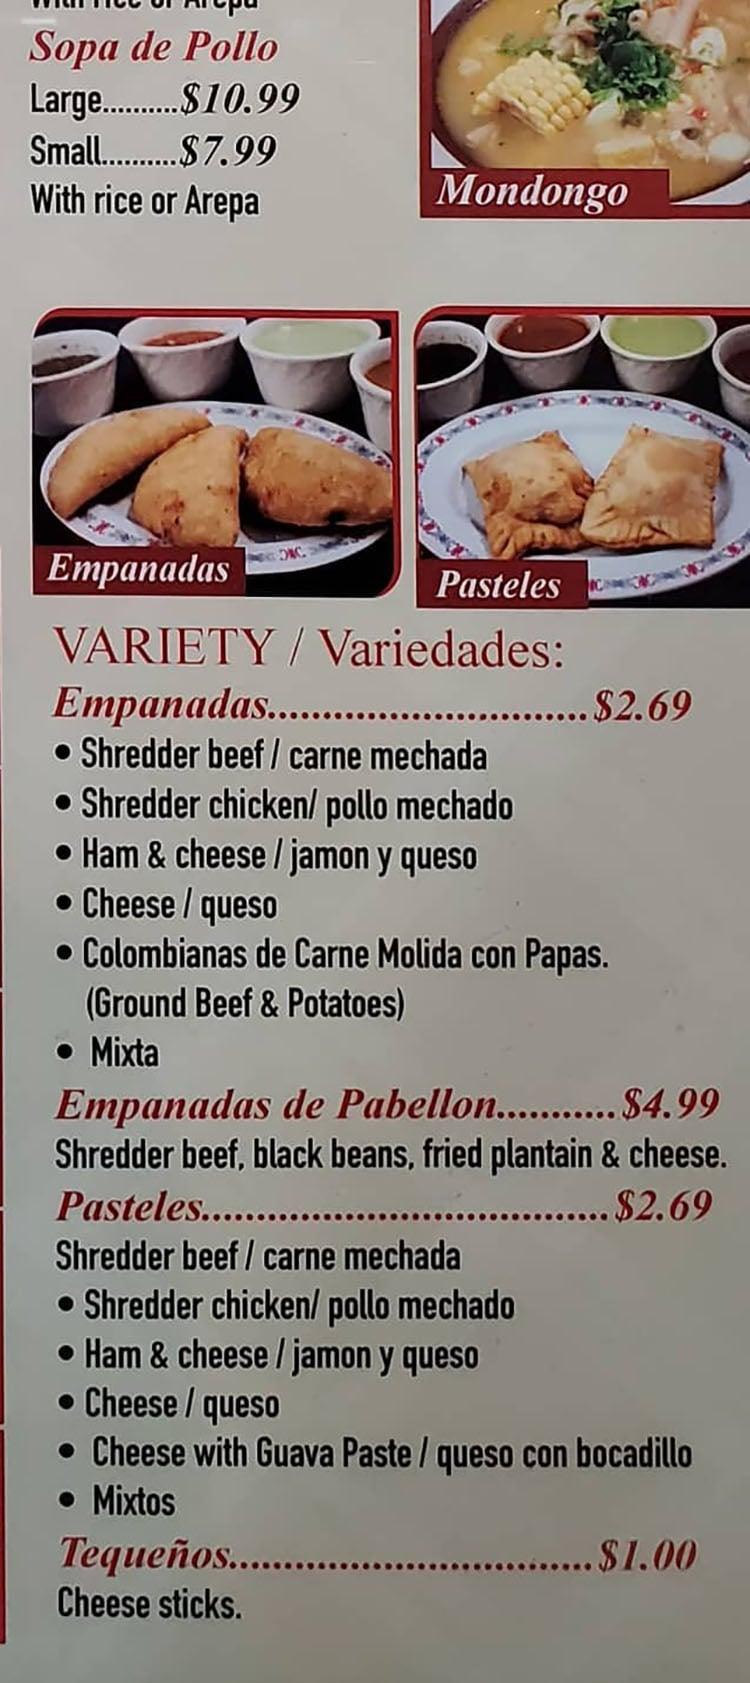 Sabor Latino menu - soups, empanadas continued